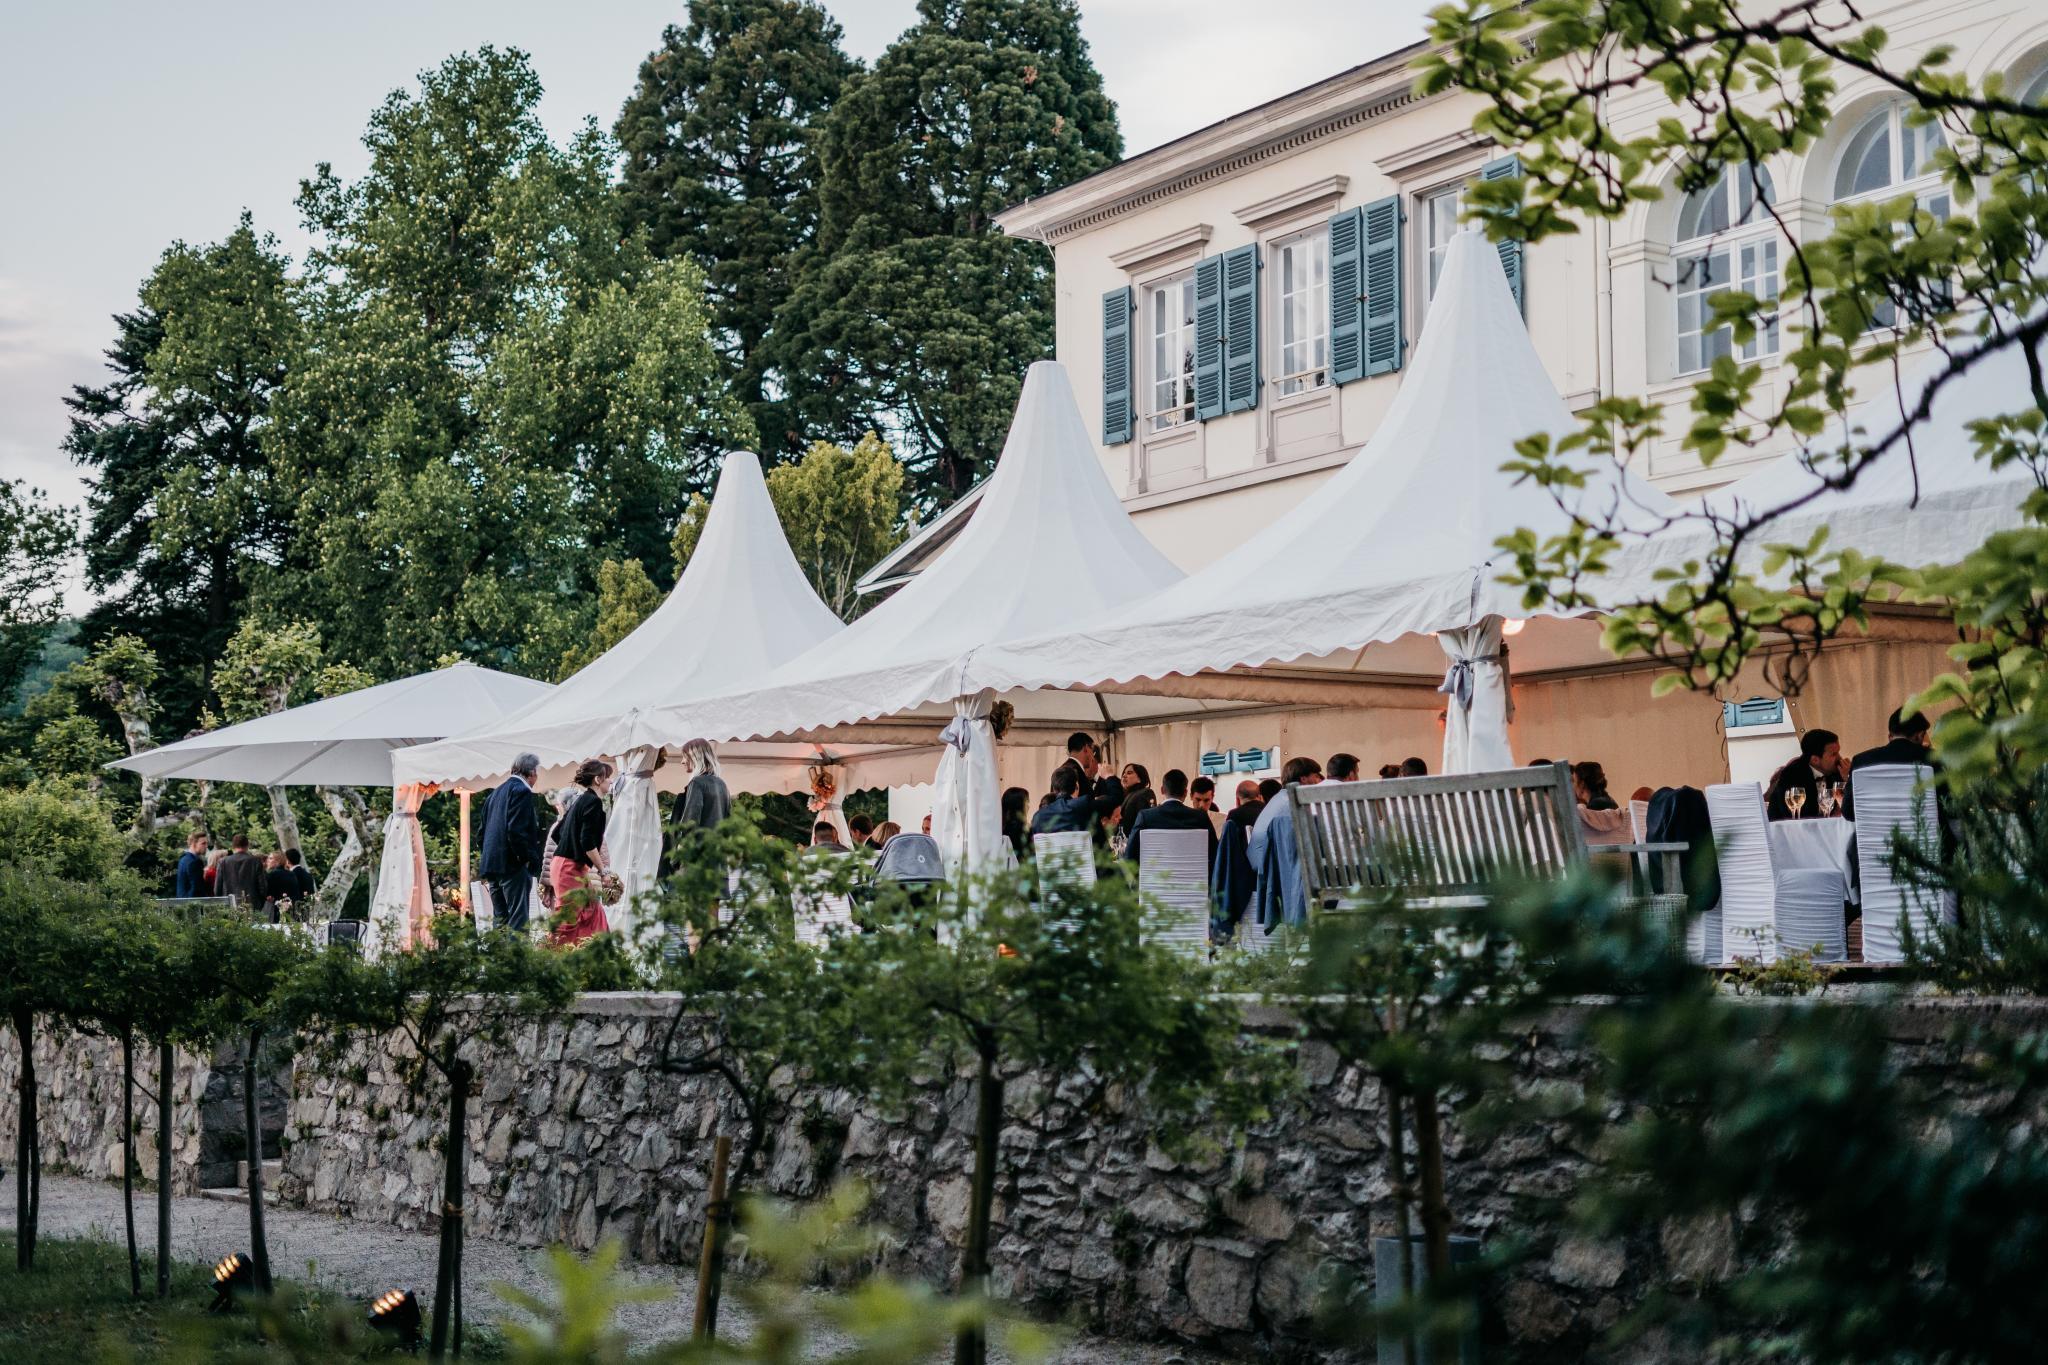 Hochzeit auf Schloss Heiligenberg Hochzeitszelt